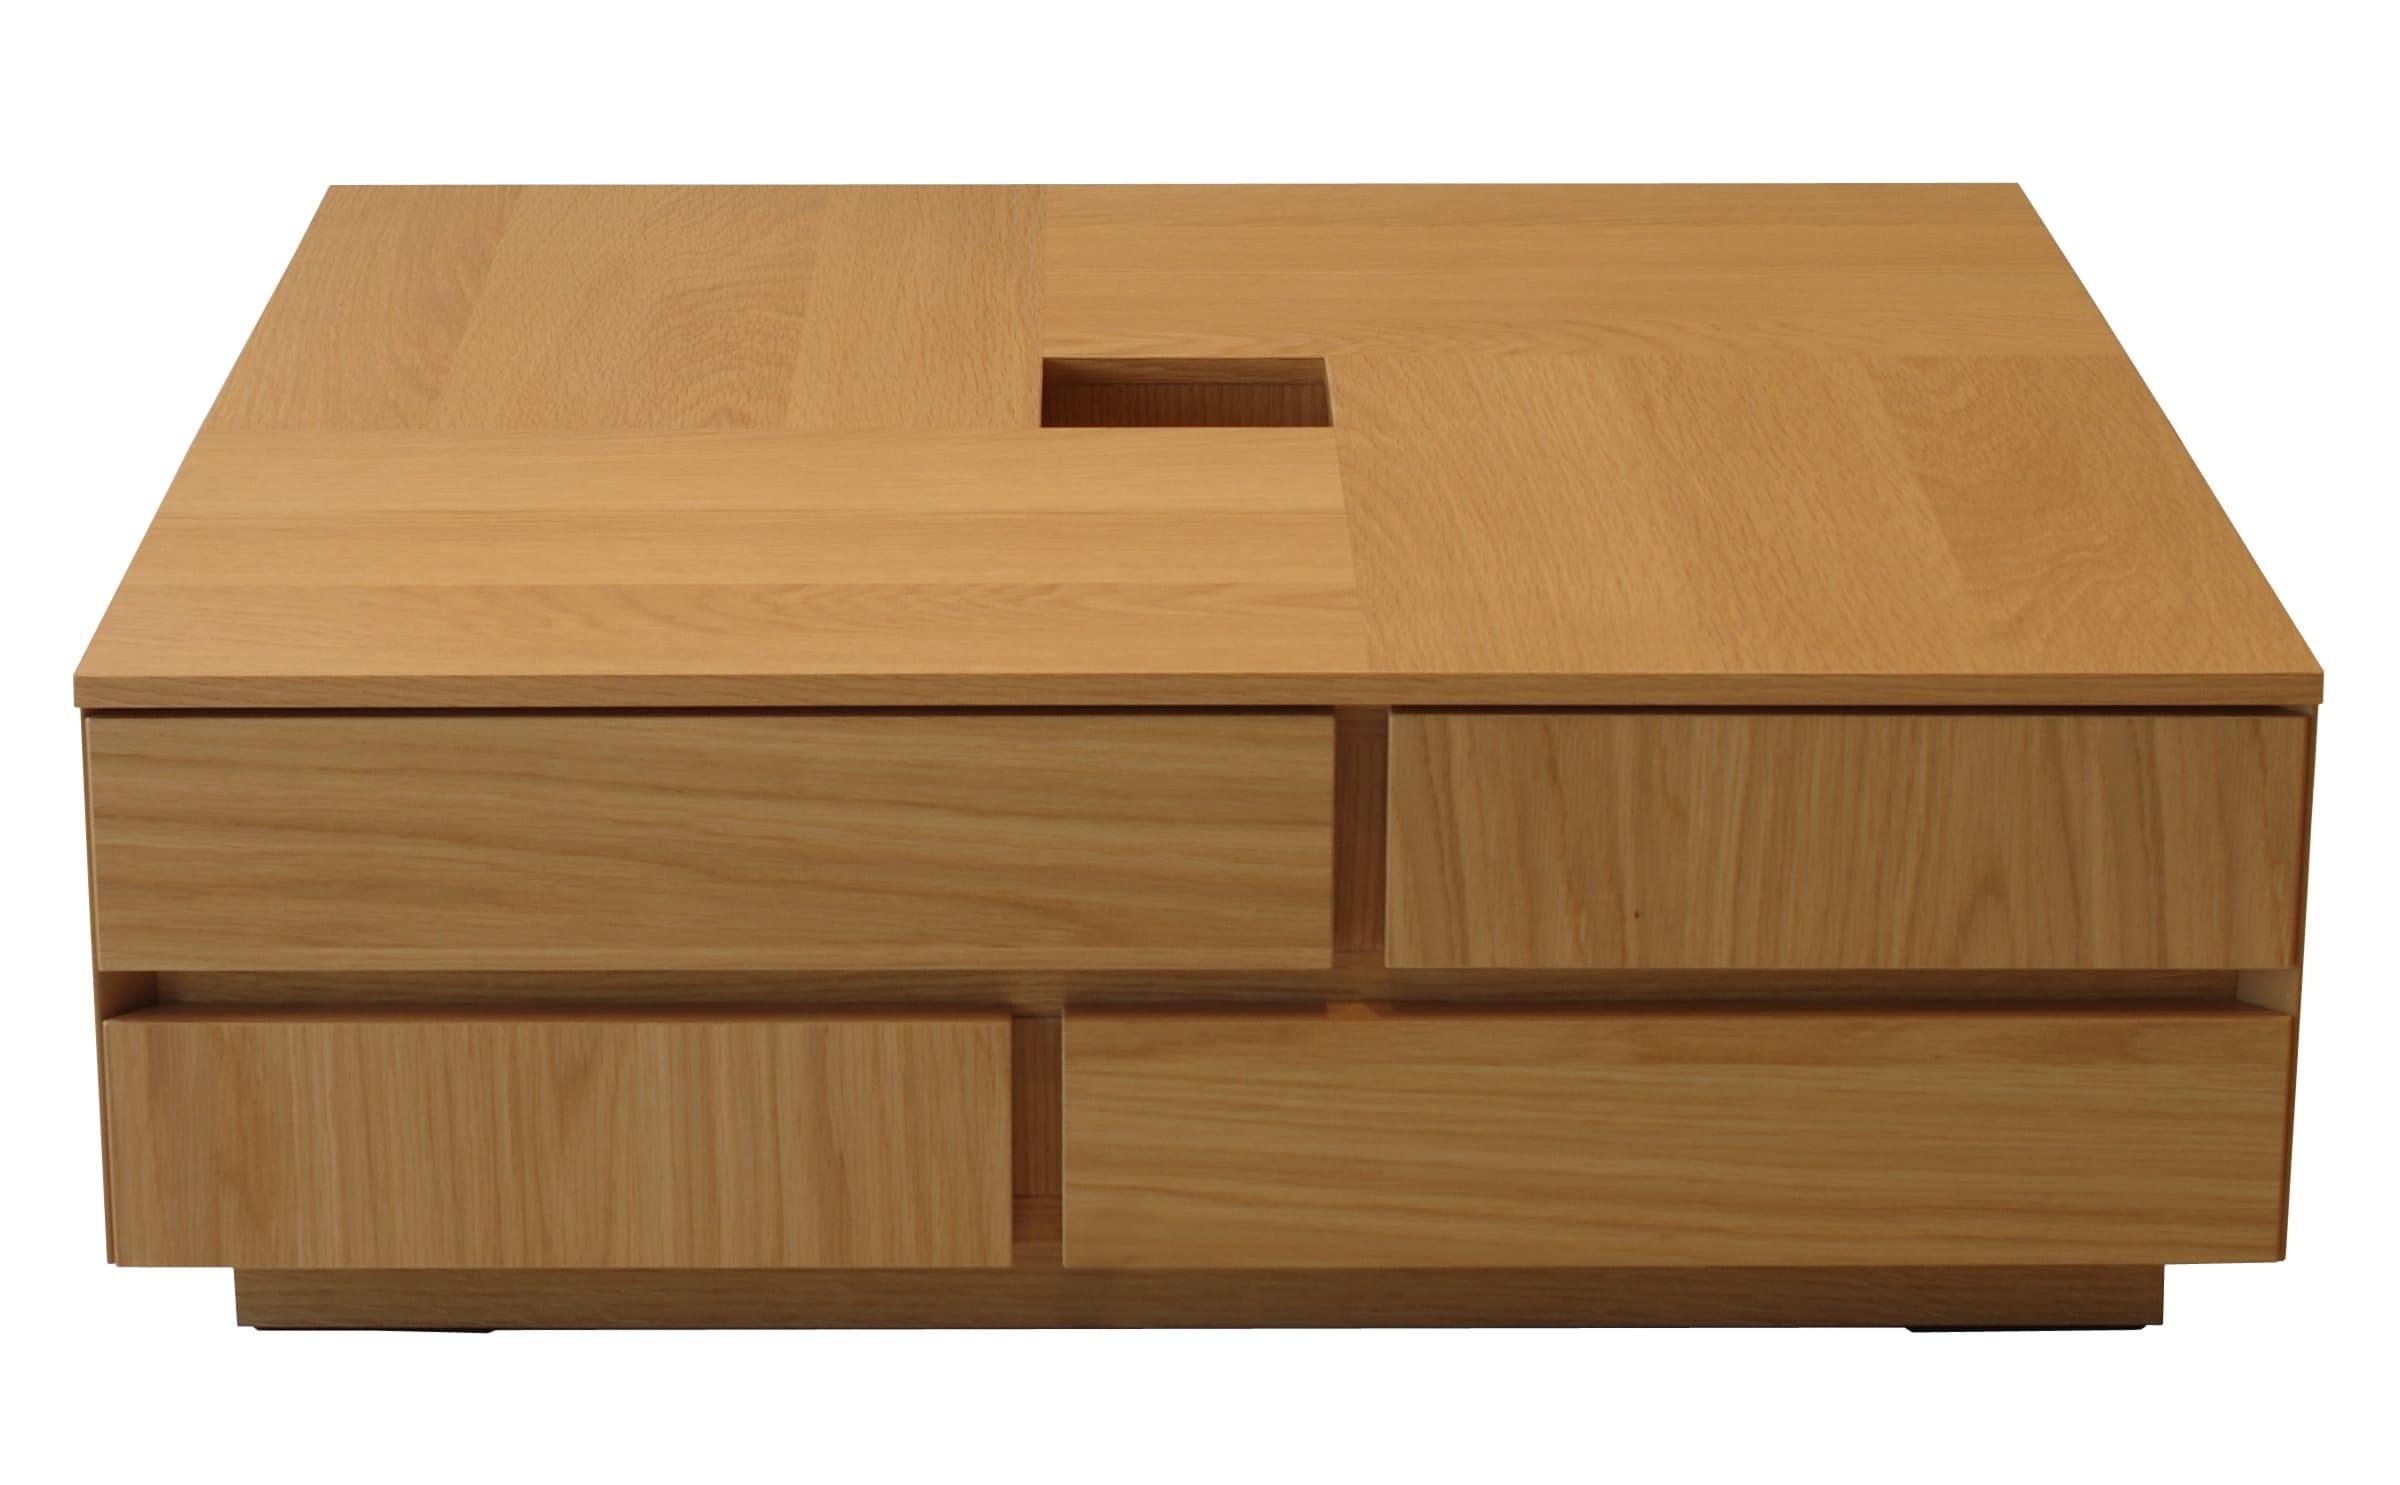 リビングテーブル アトリ 80(オーク):リビングテーブル